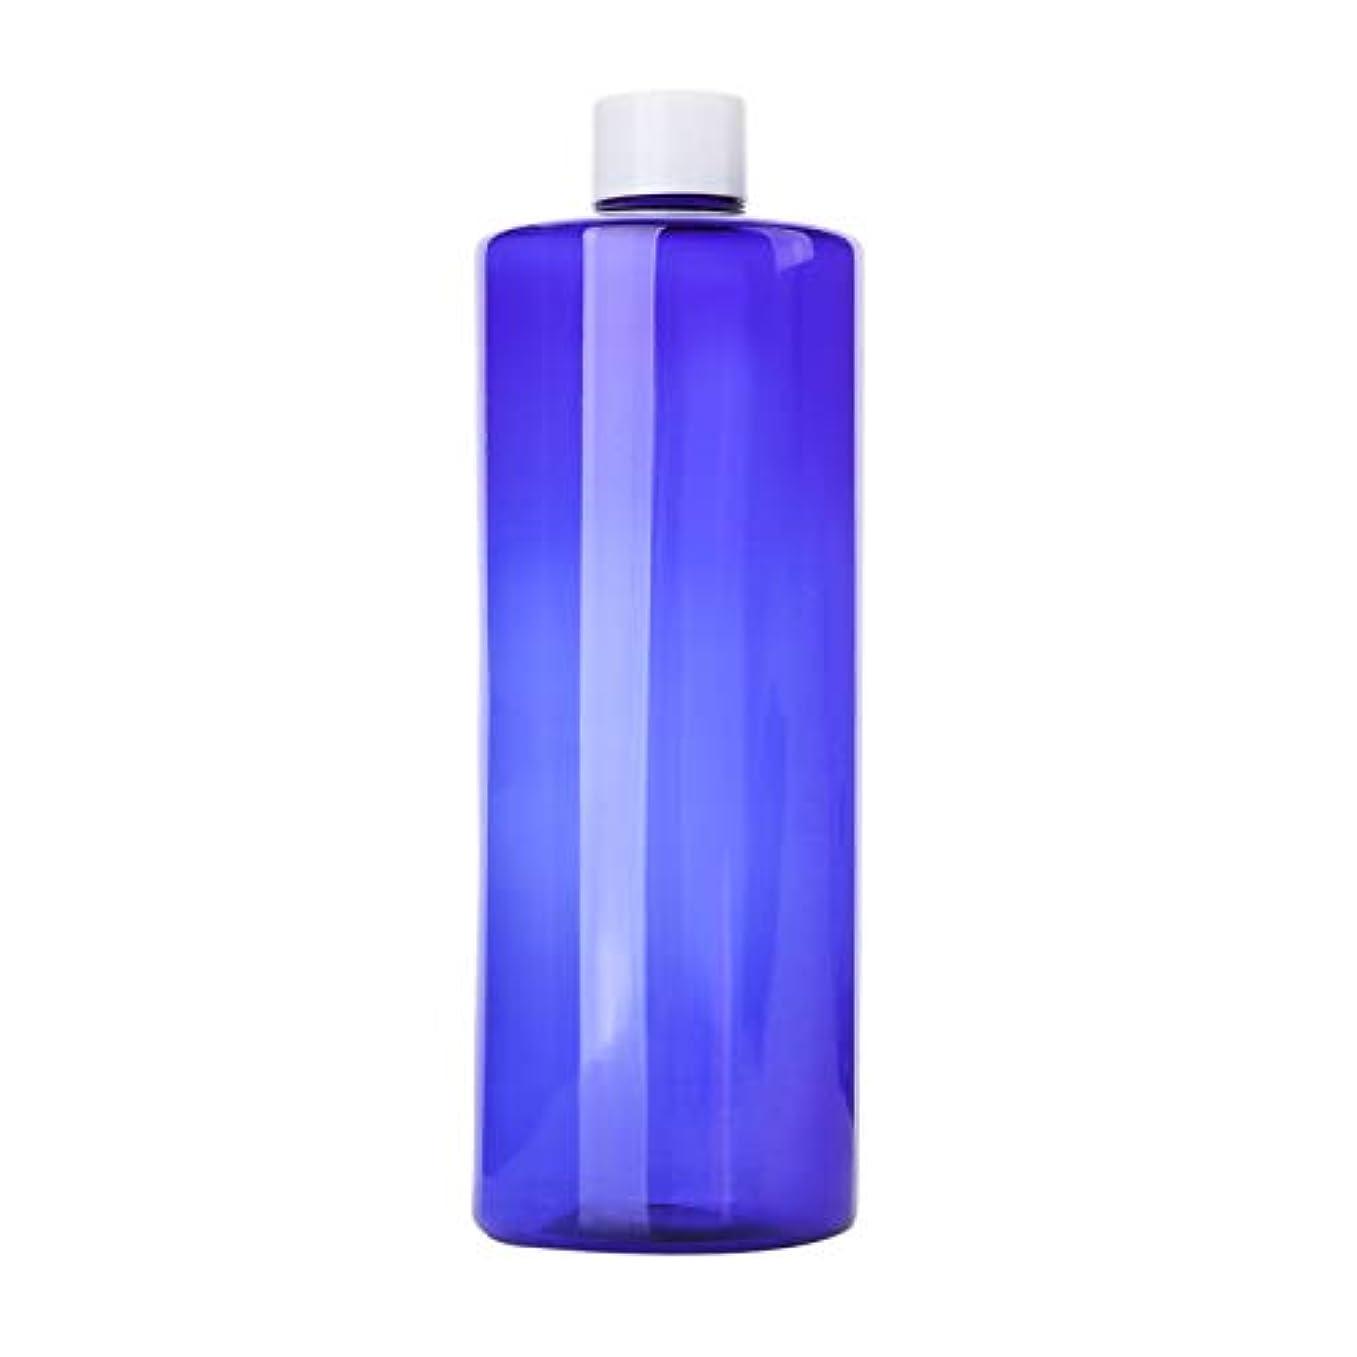 船乗りそうリネン1本 化粧品用 詰め替えボトル 詰め替え容器 大容量 500ml 中栓付き 使いやすい 化粧水用 シャンプー クリーム 貯蔵用 携帯用 空容器 おしゃれ 白ヘッド ブルー